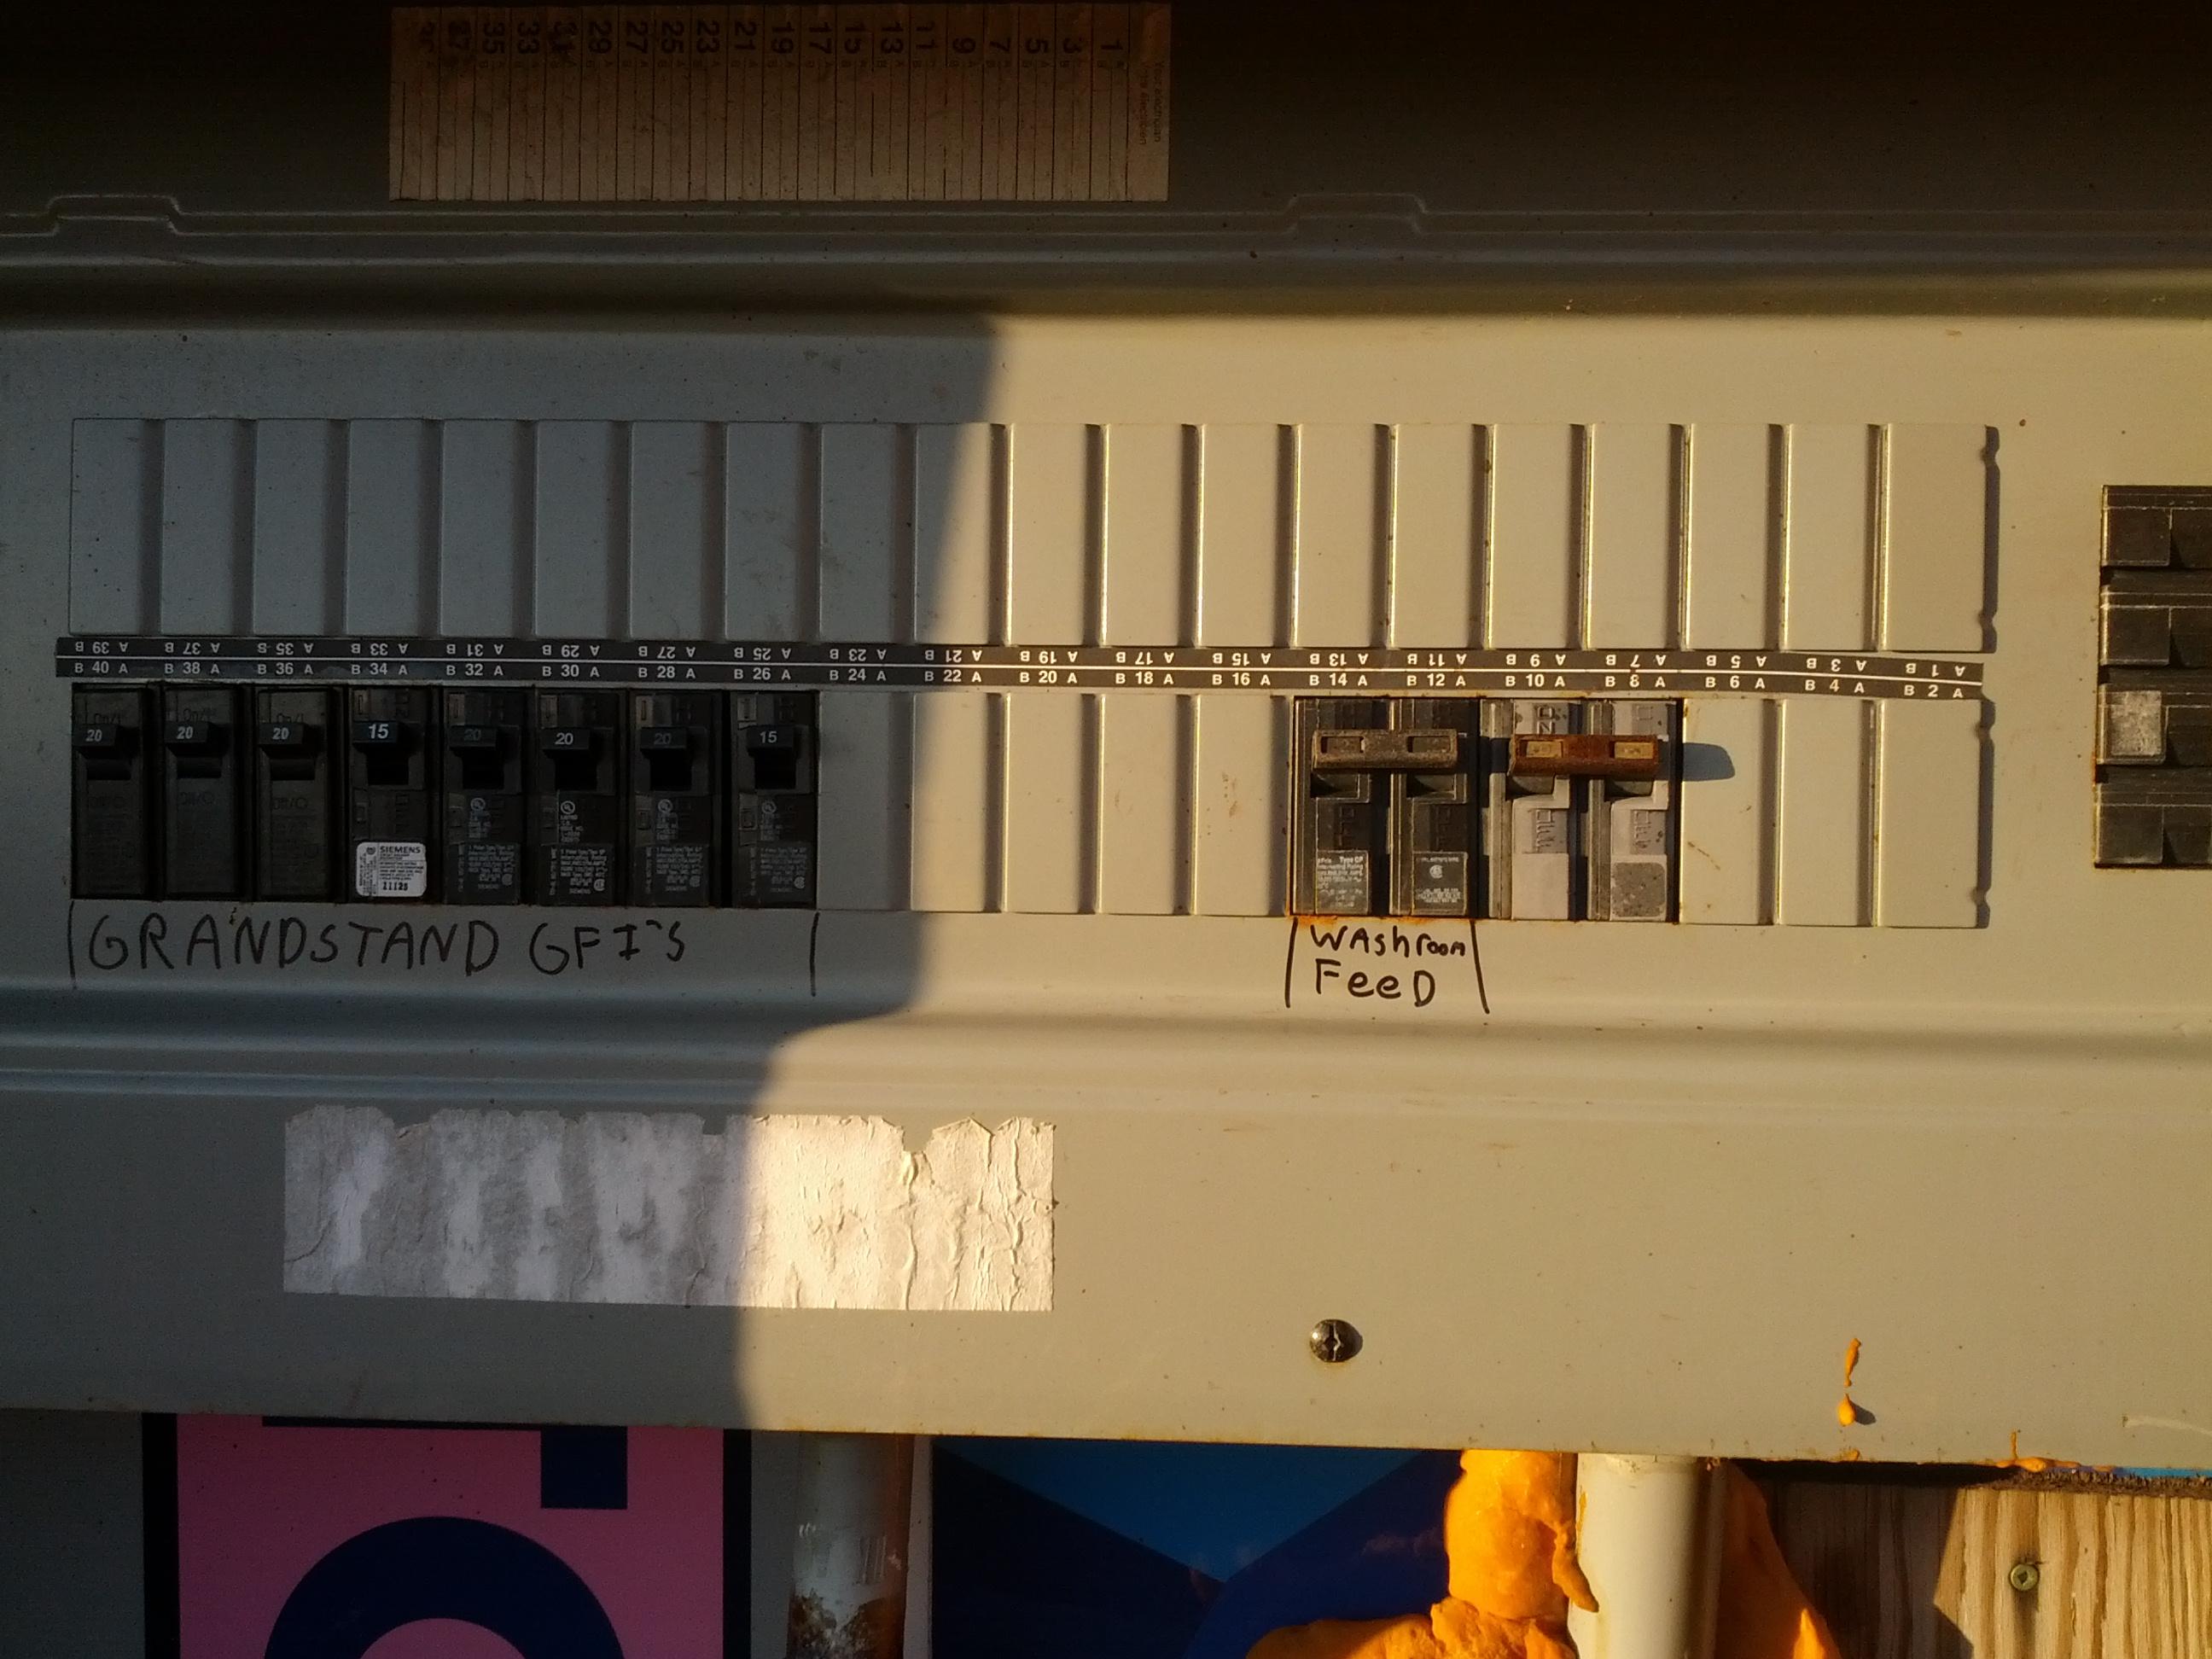 tmp_panel.jpg